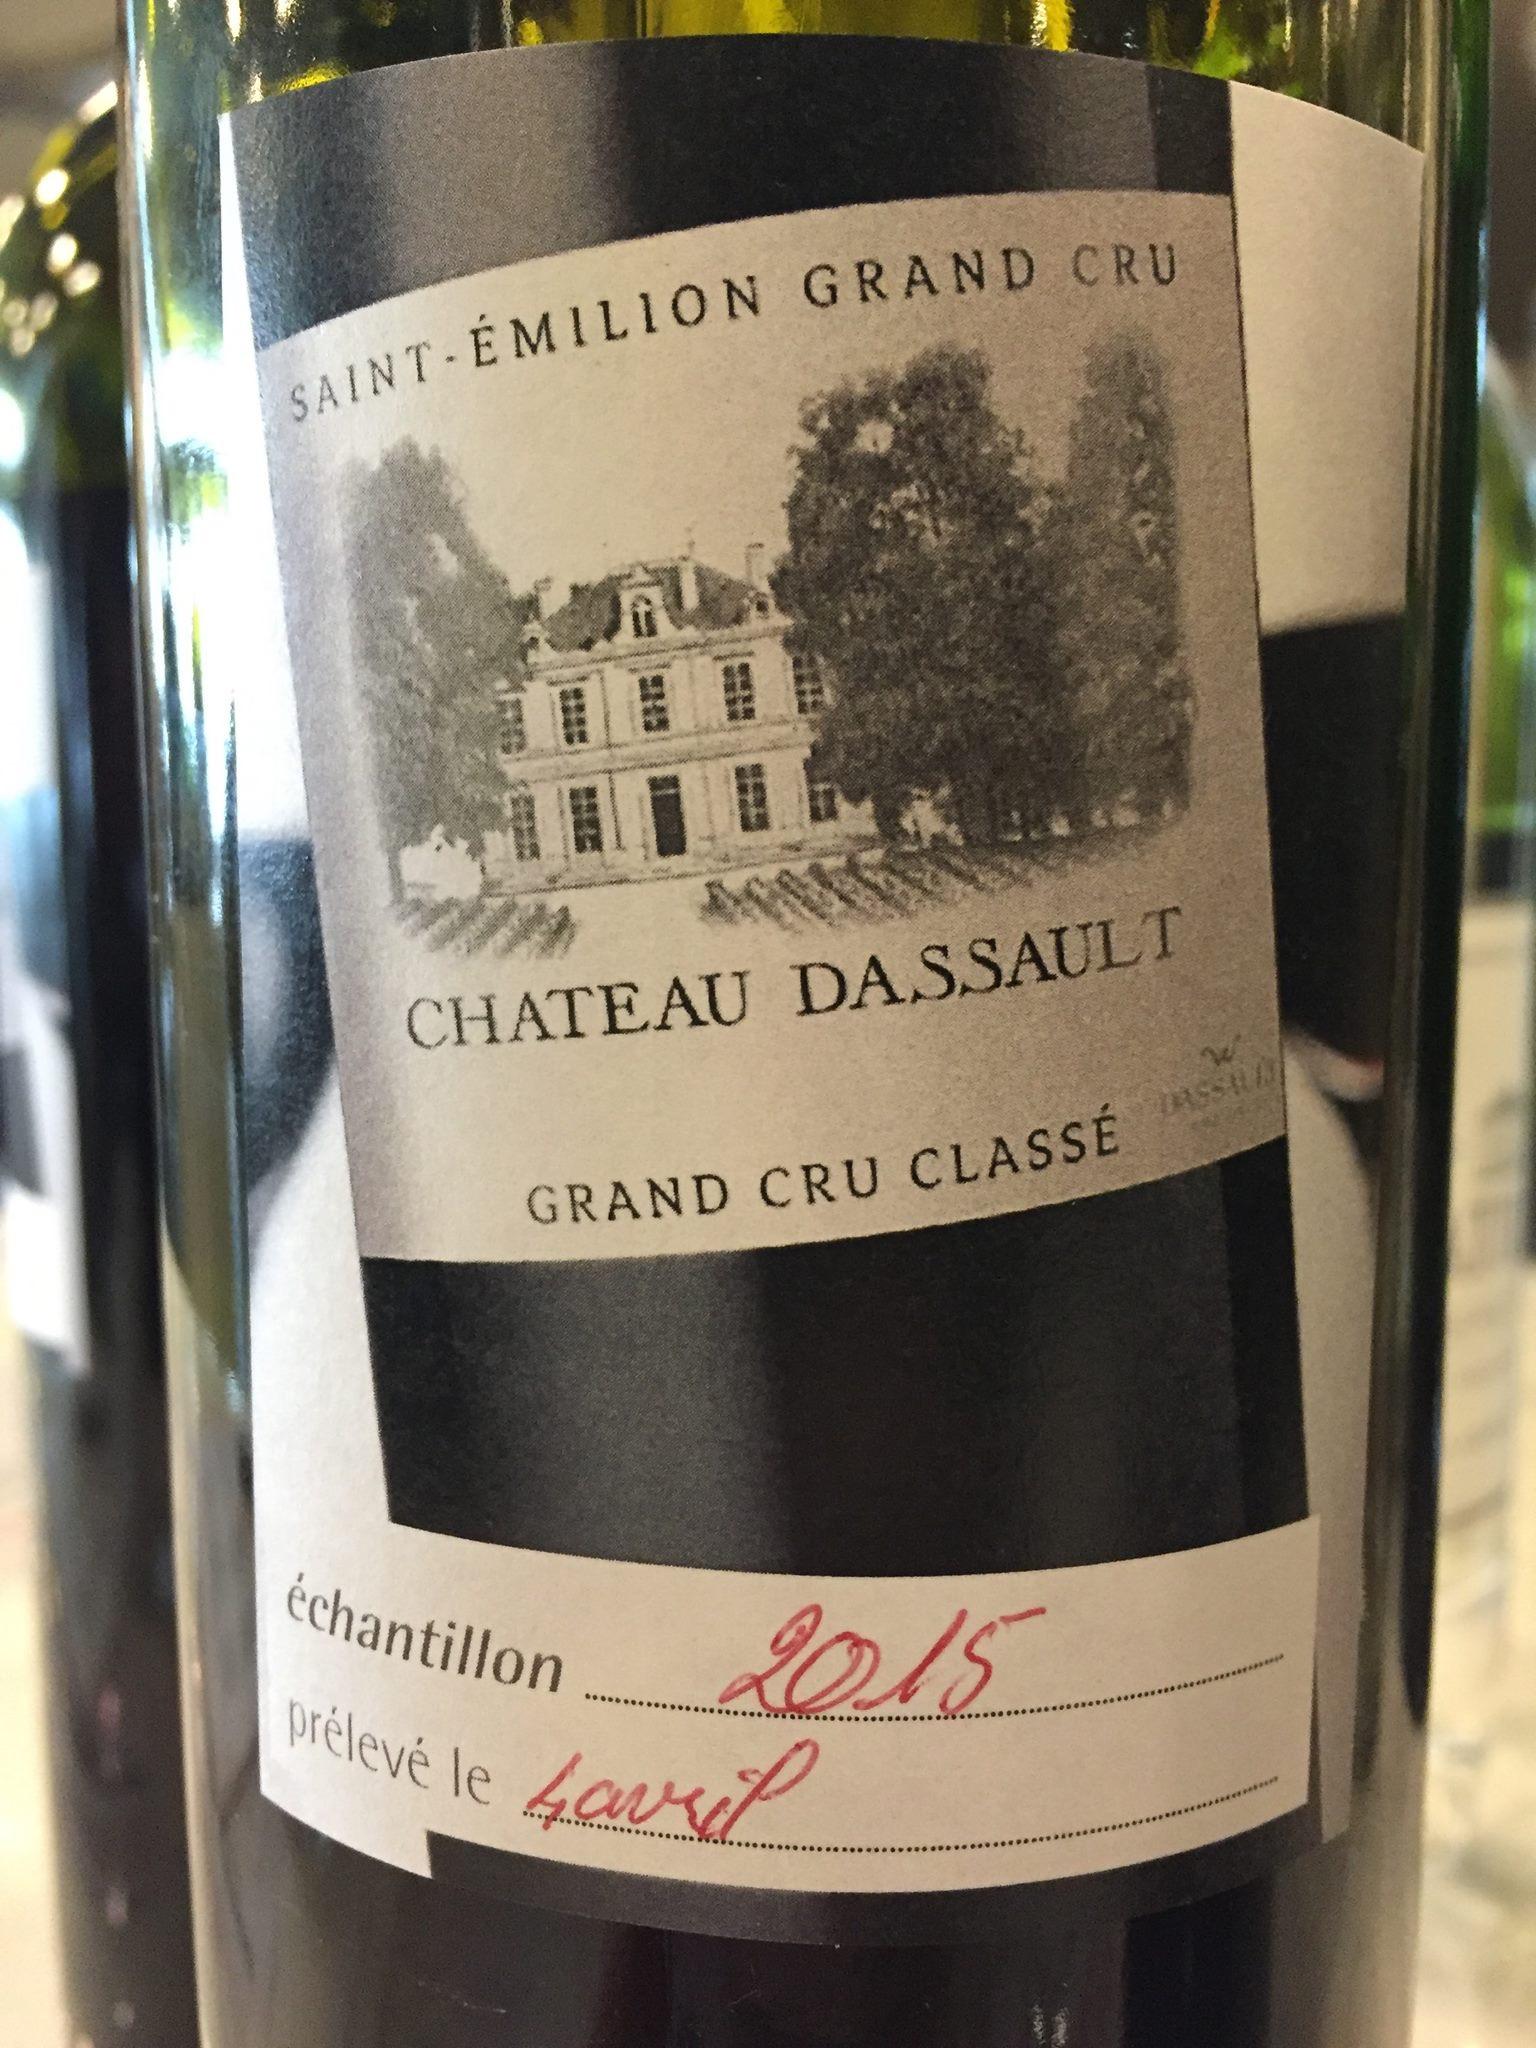 Château Dassault 2015 – Saint-Emilion Grand Cru, Grand Cru Classé